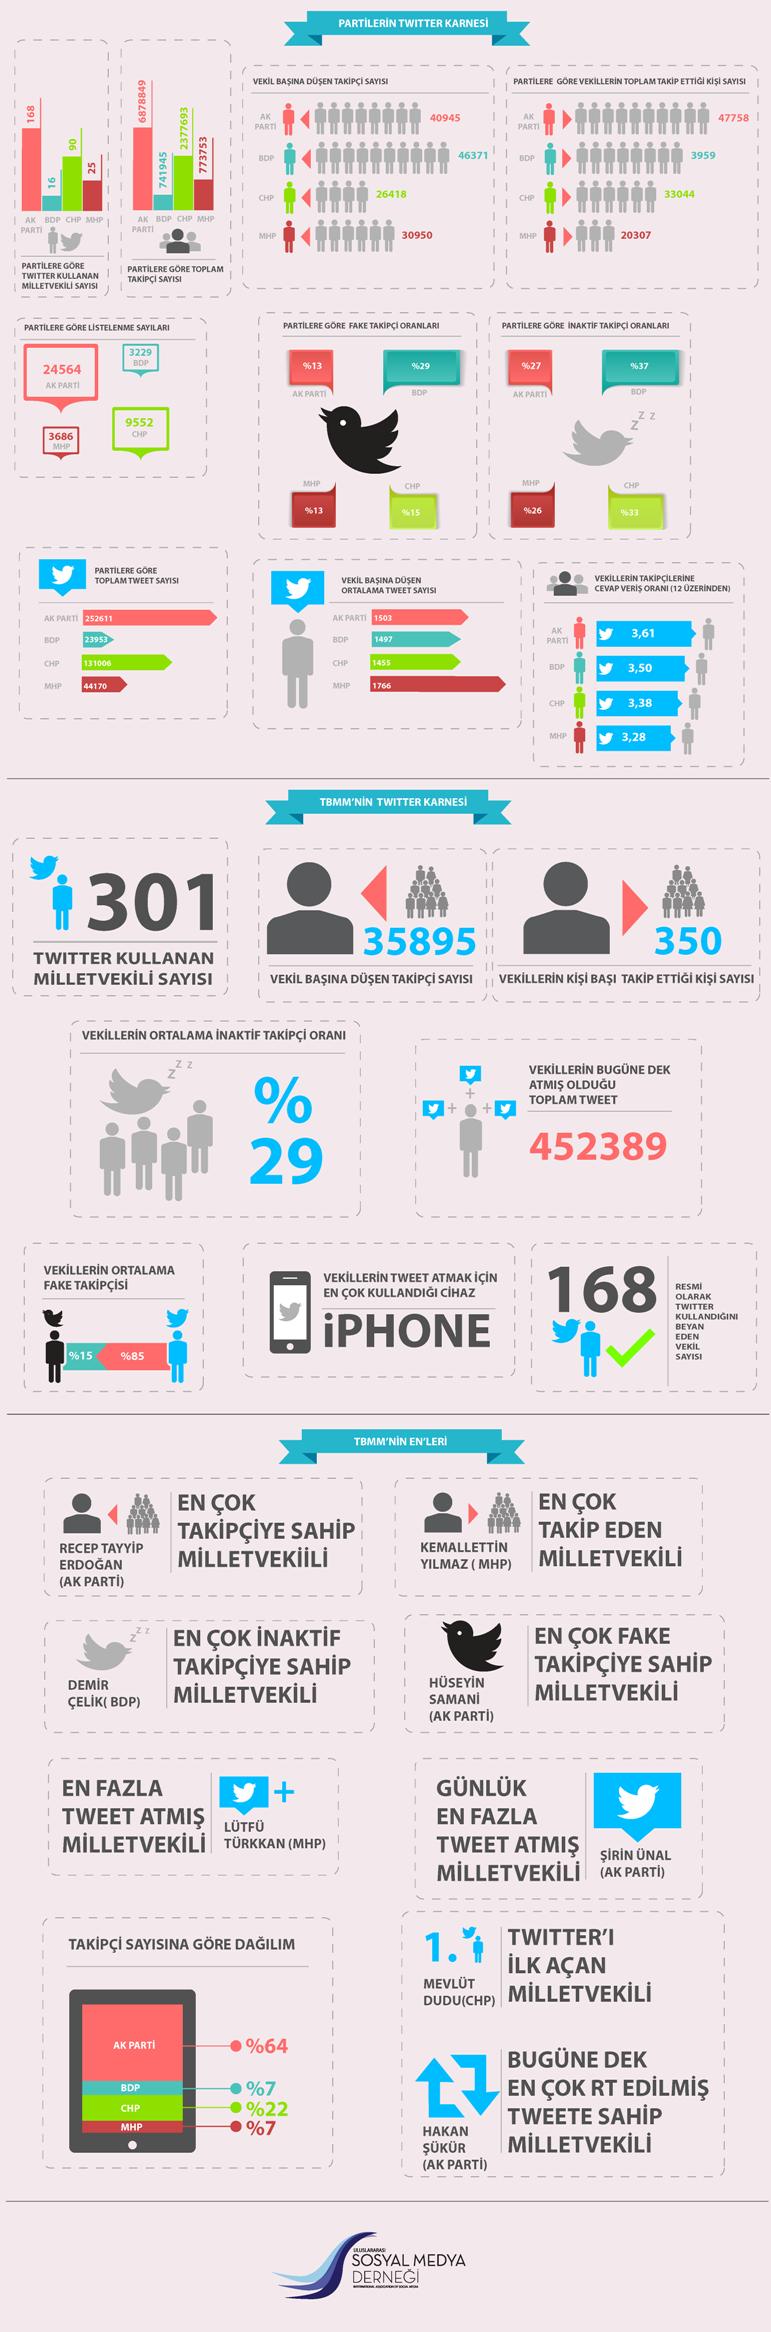 Twitter-Karnesi-Infografik